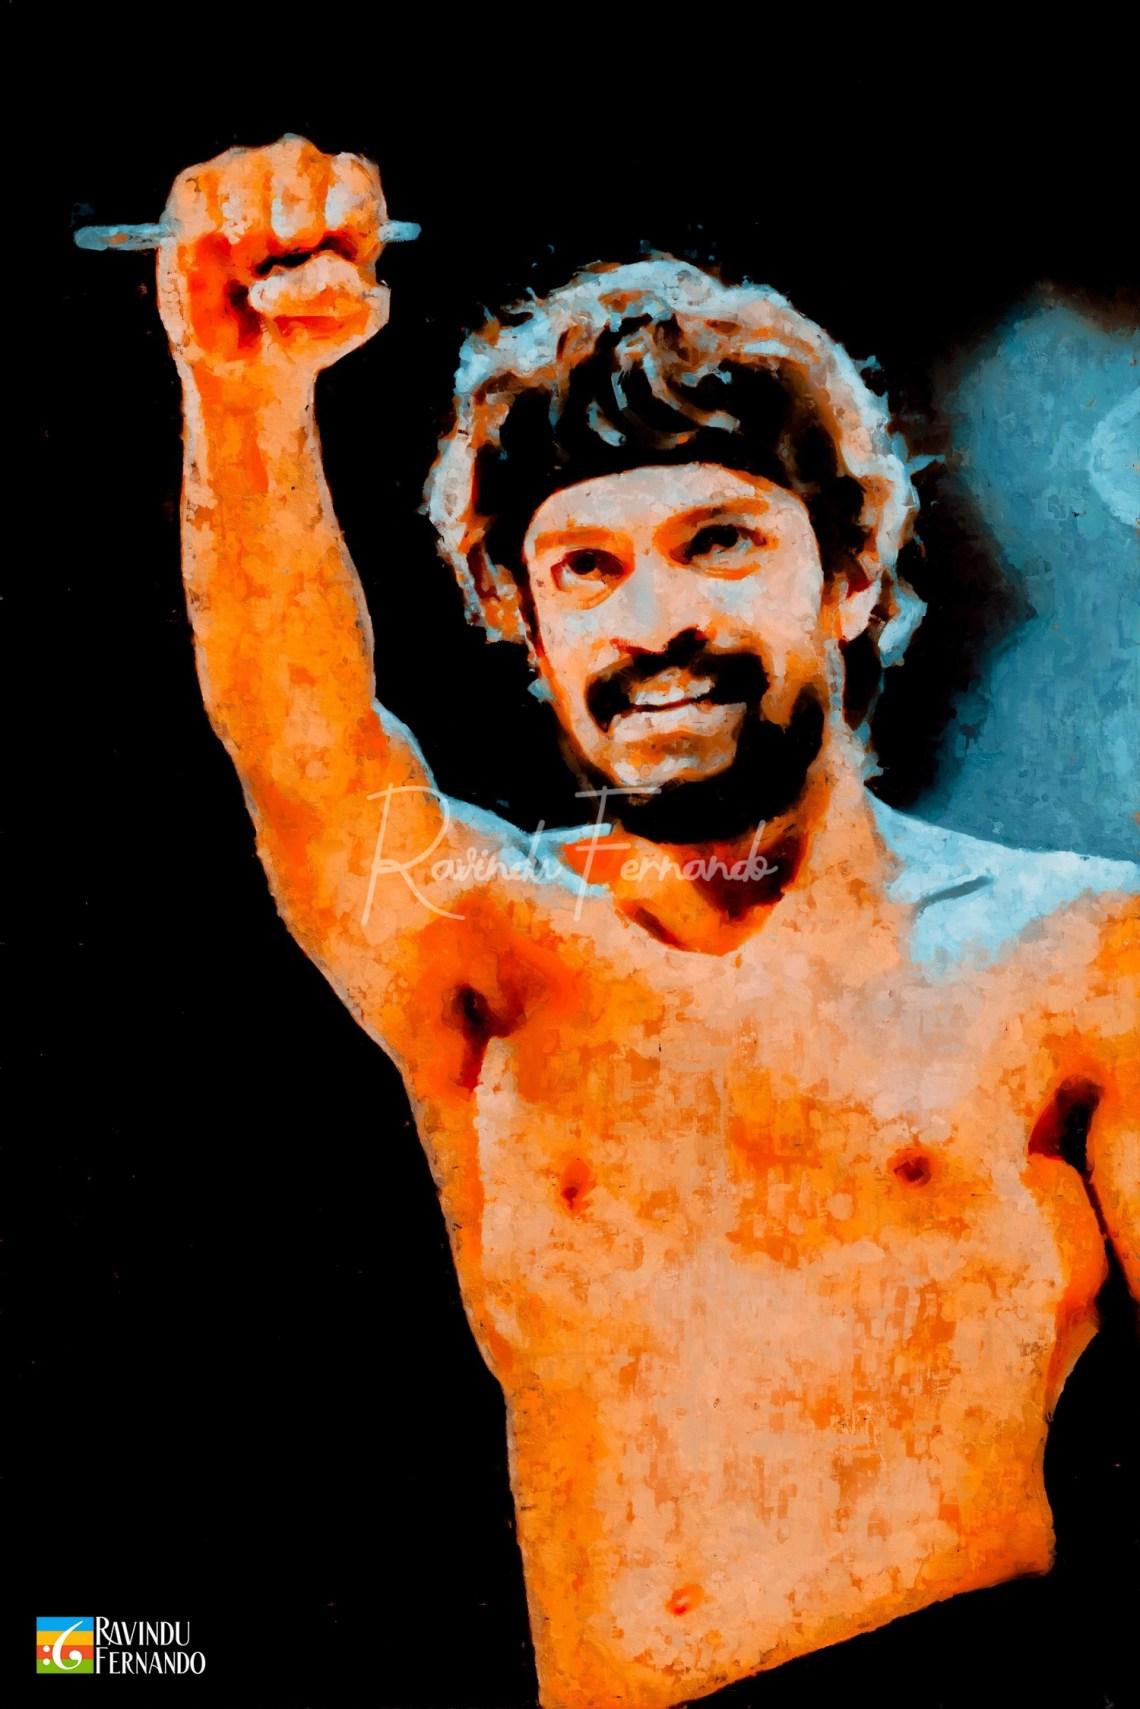 Akalanka Prabhashwara Digital Oil Painting by Ravindu Fernando